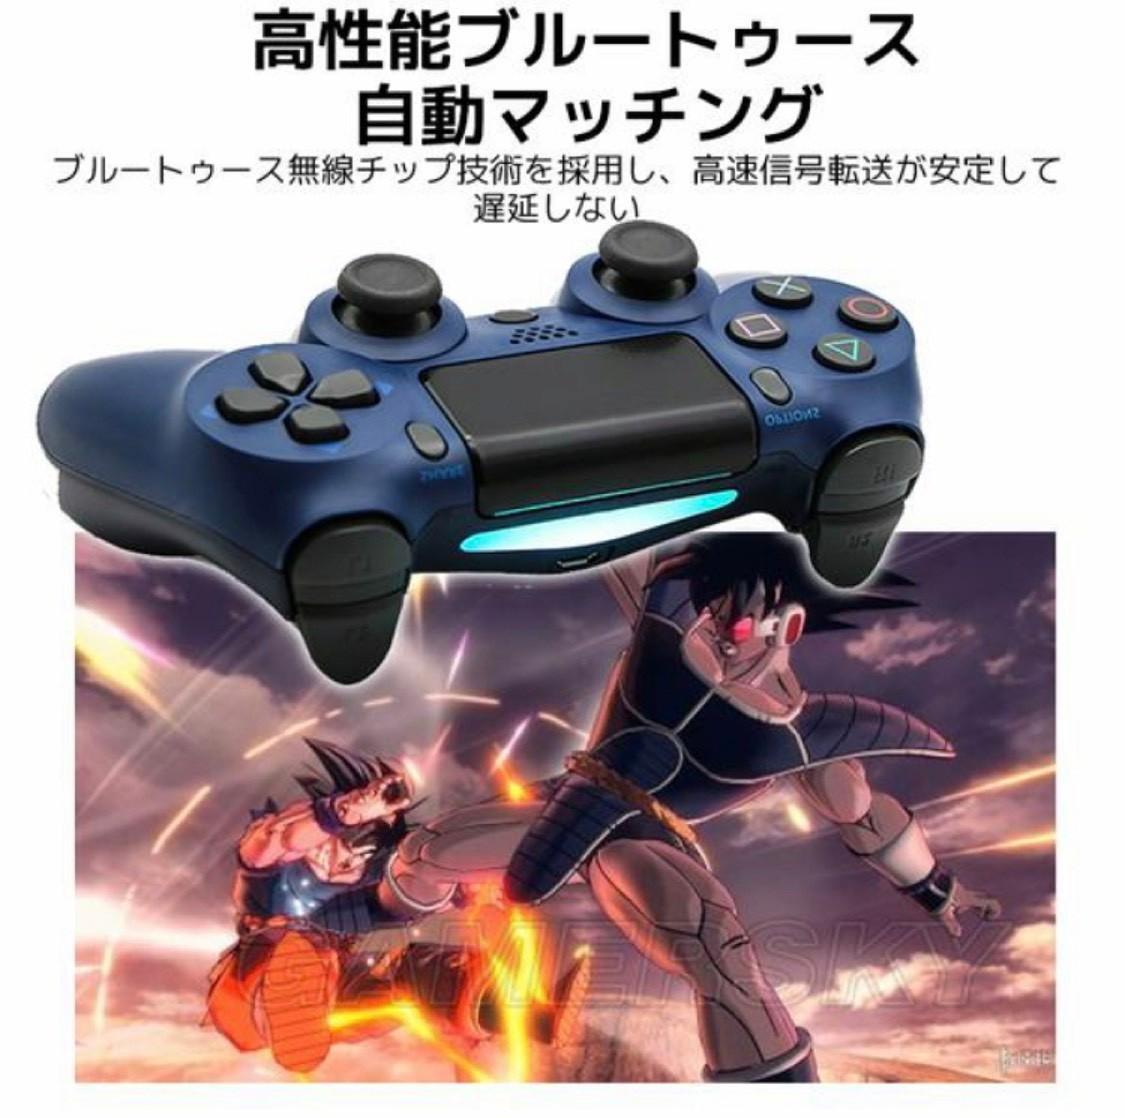 PS4 コントローラー ブラック 最新モデル ワイヤレス プレステ4 互換